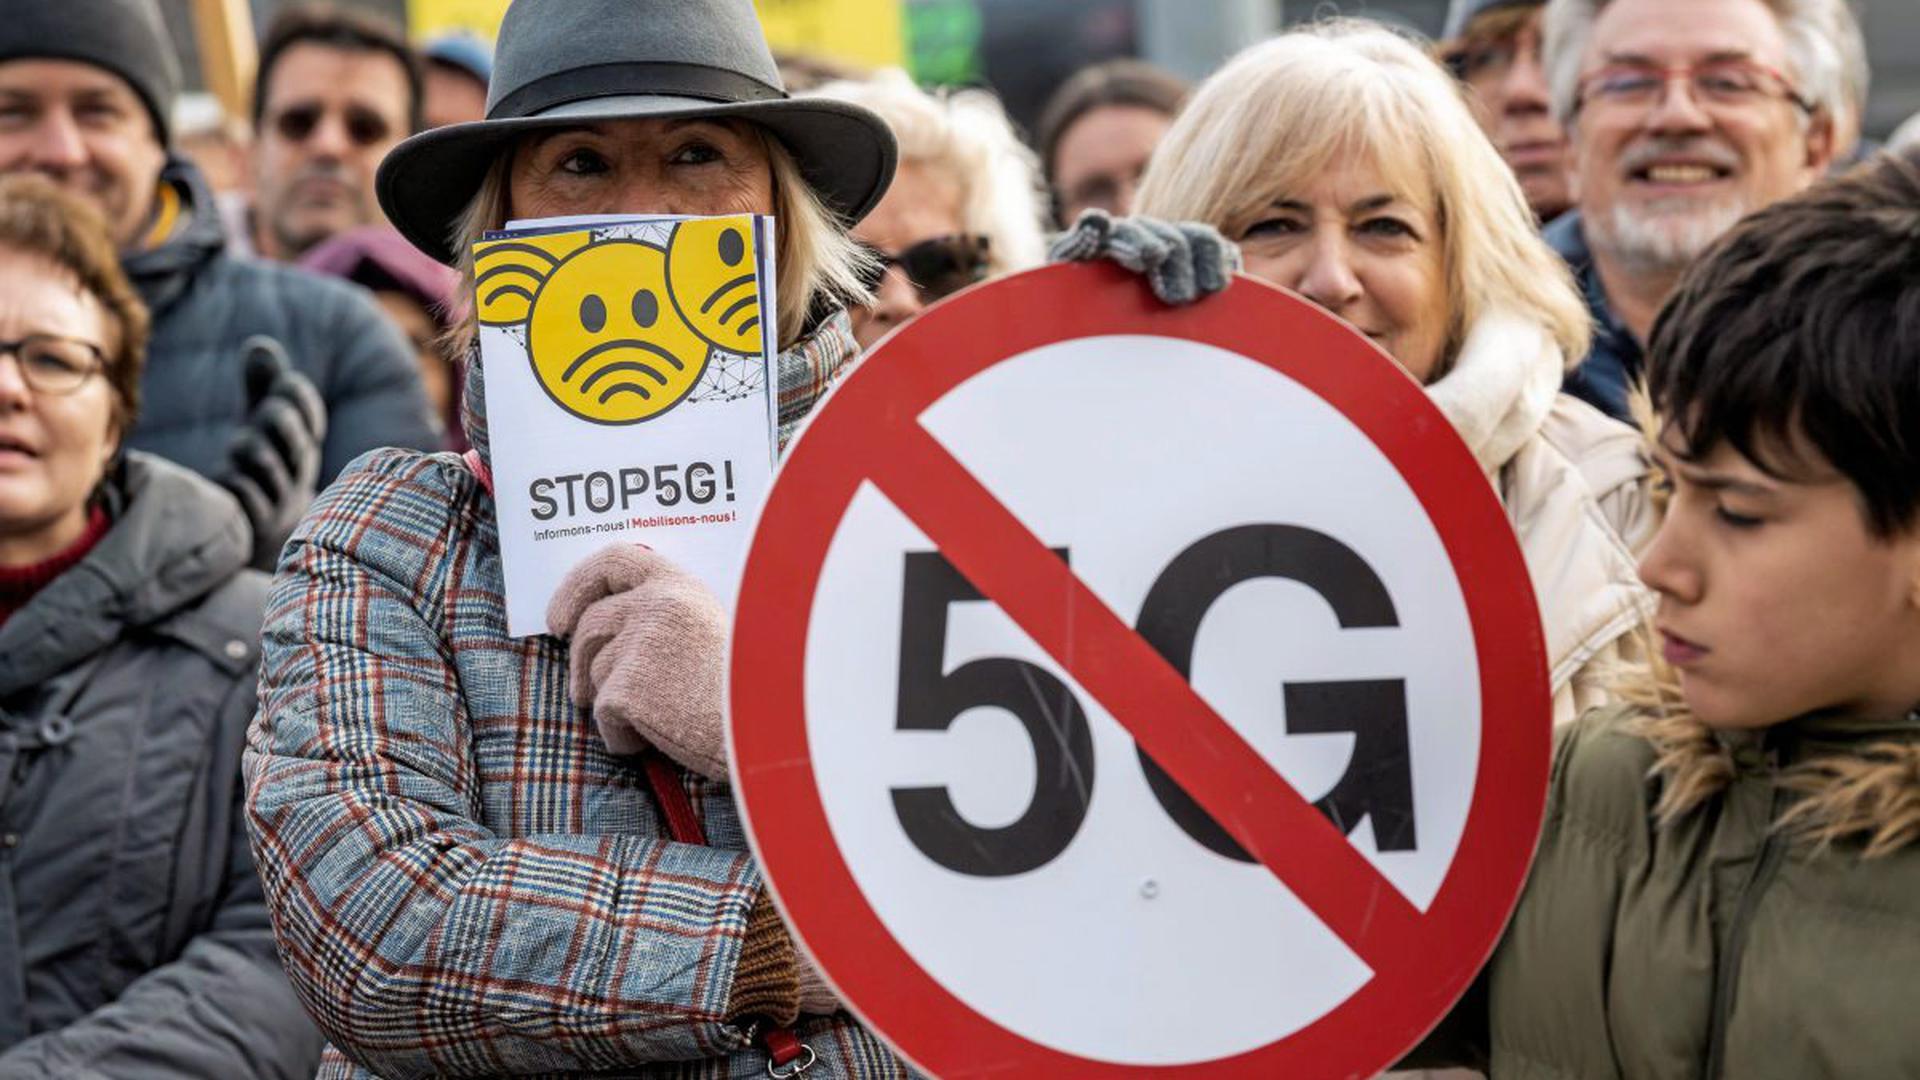 Der Ausbau des Mobilfunknetzes stößt auf Widerstand – so wie hier in der Schweiz gegen den neusten technischen Standard 5G.